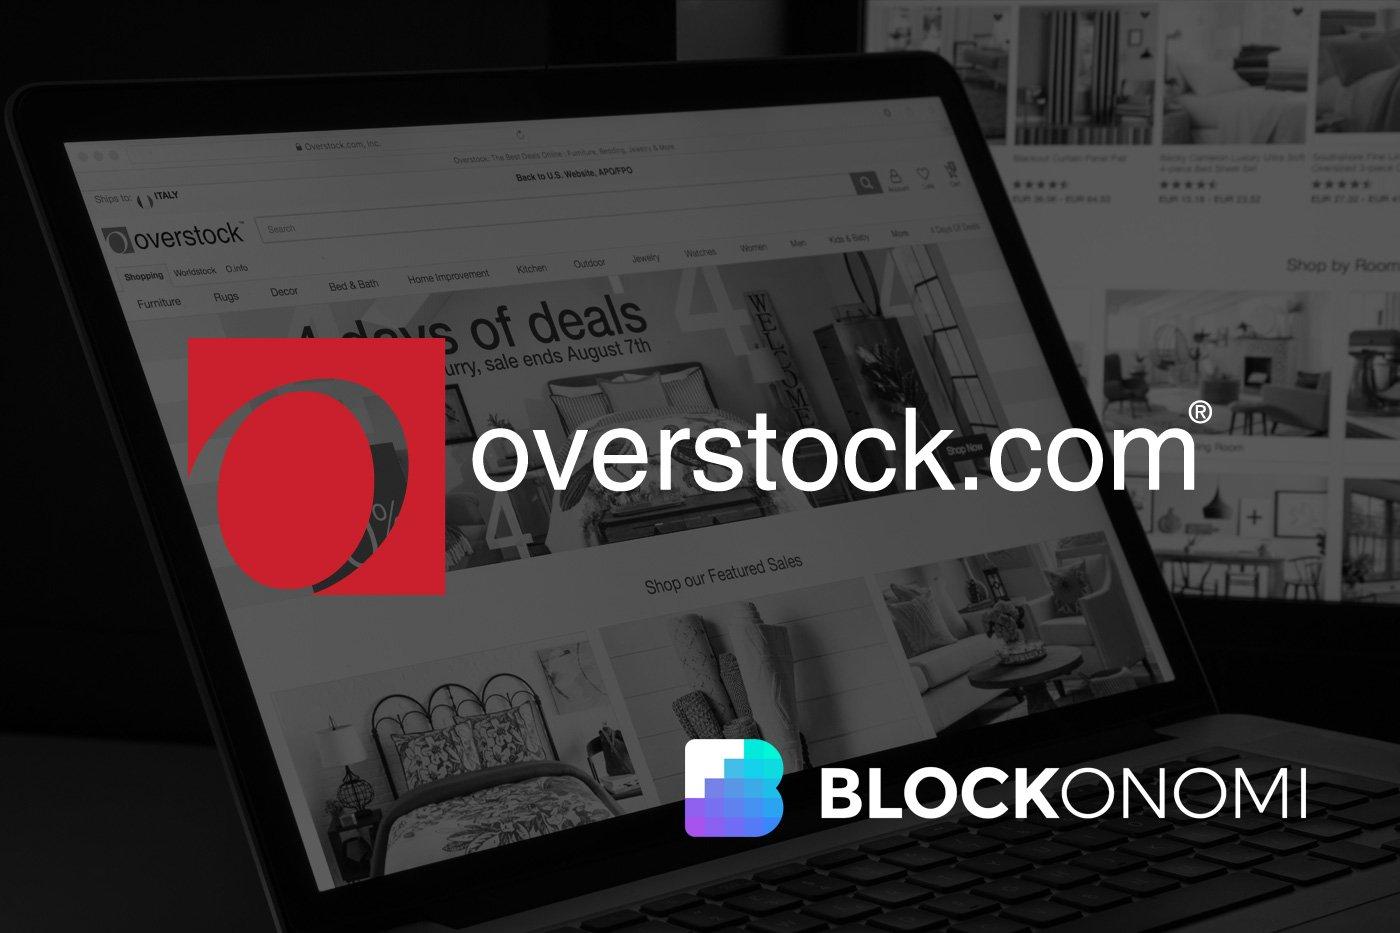 Overstock Blockchain